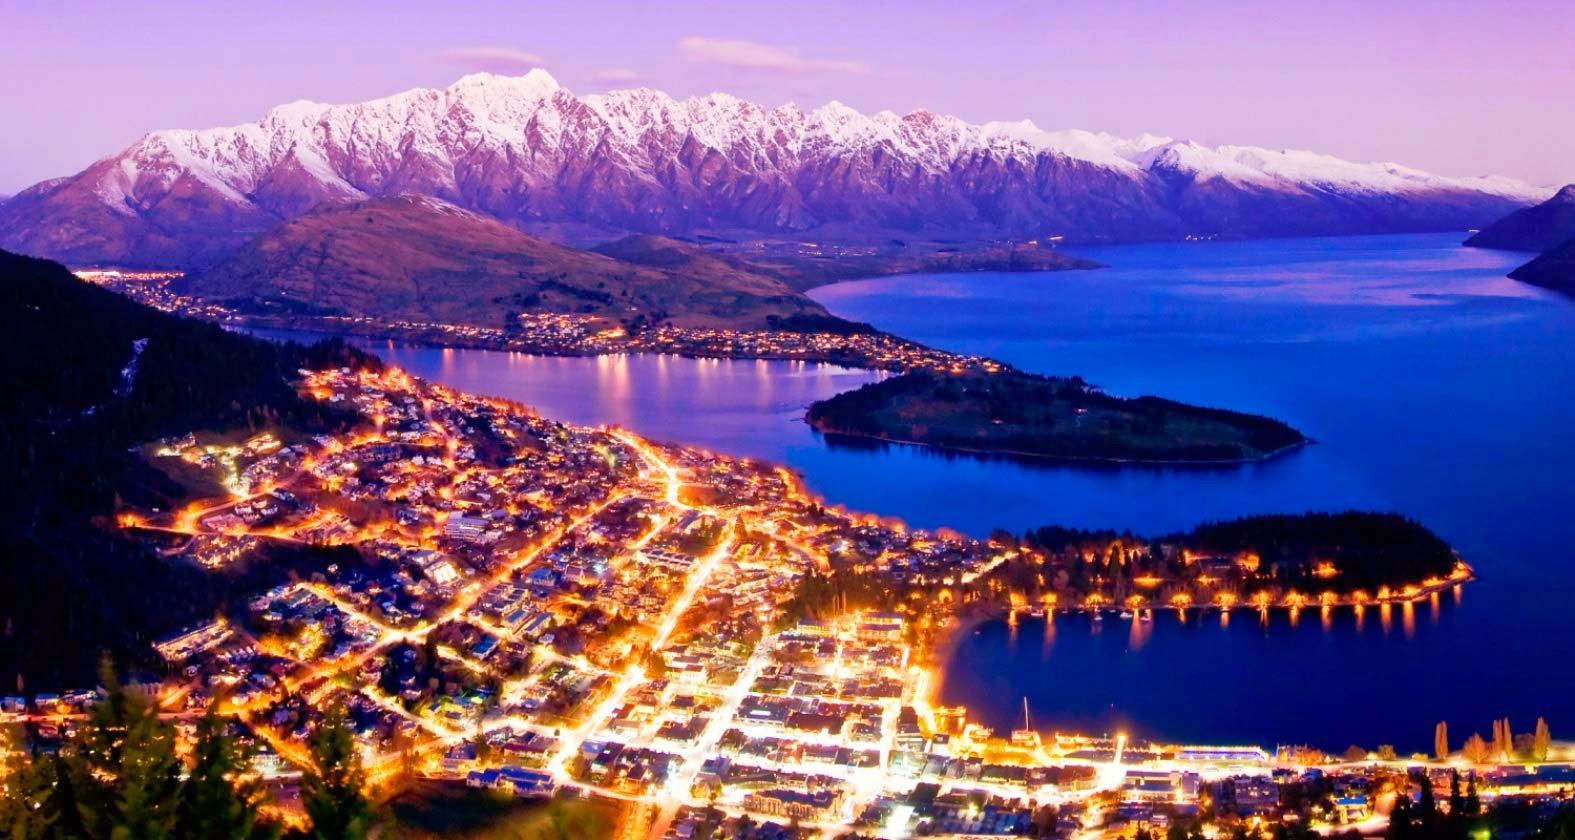 Ingin Berpetualang ? Pilih Queenstown Sebagai Tempat Wisata di New Zealand